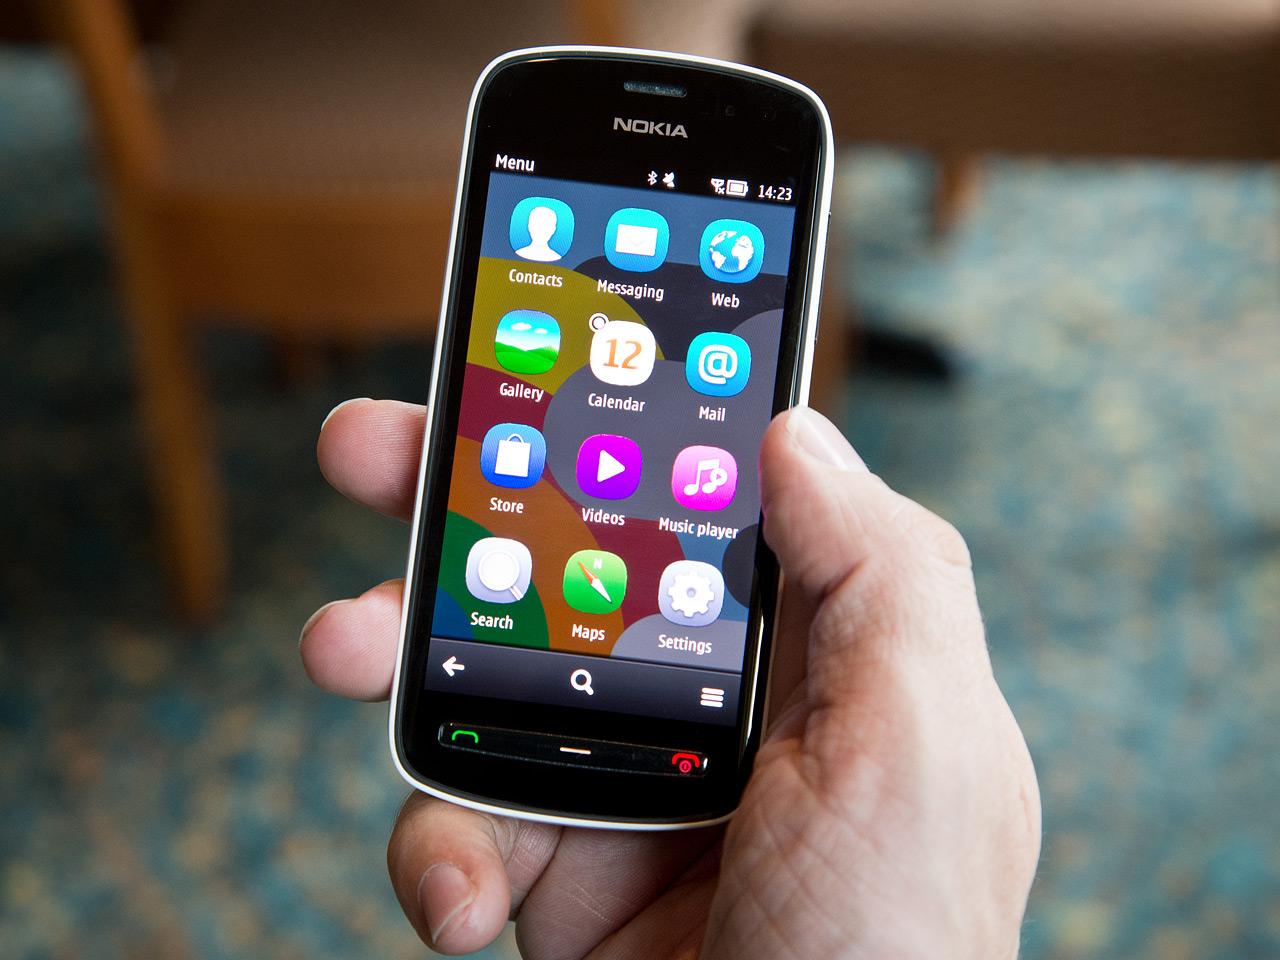 Nokia 808 pureview драйвер скачать